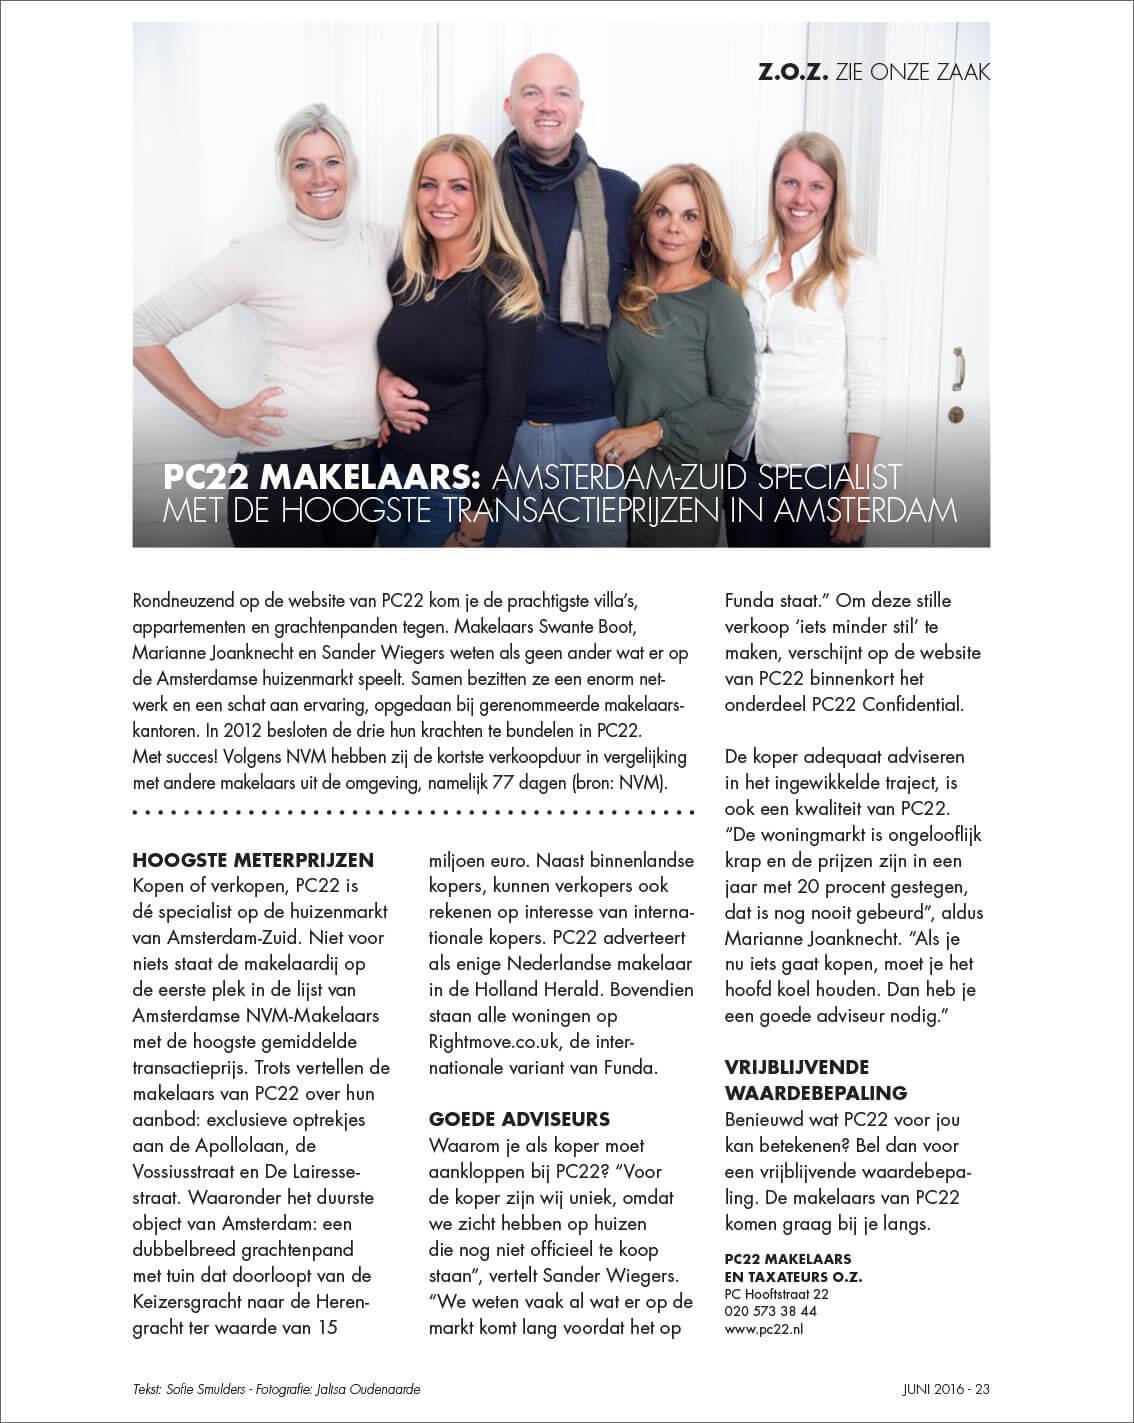 PC22 Makelaars: Amsterdam-Zuid specialist met de hoogste transactieprijzen in Amsterdam